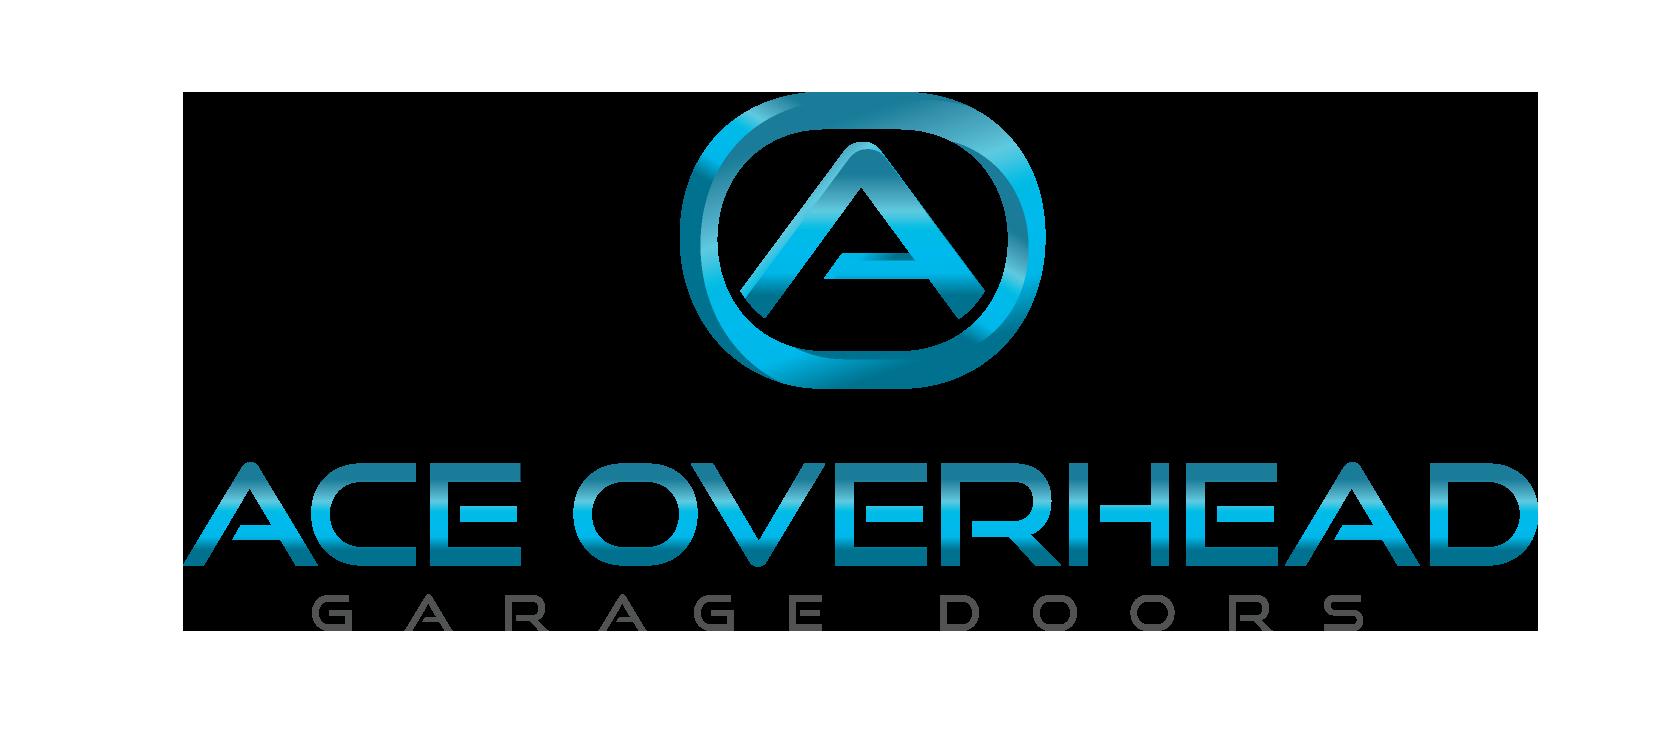 Ace Overhead Garage Doors Logo